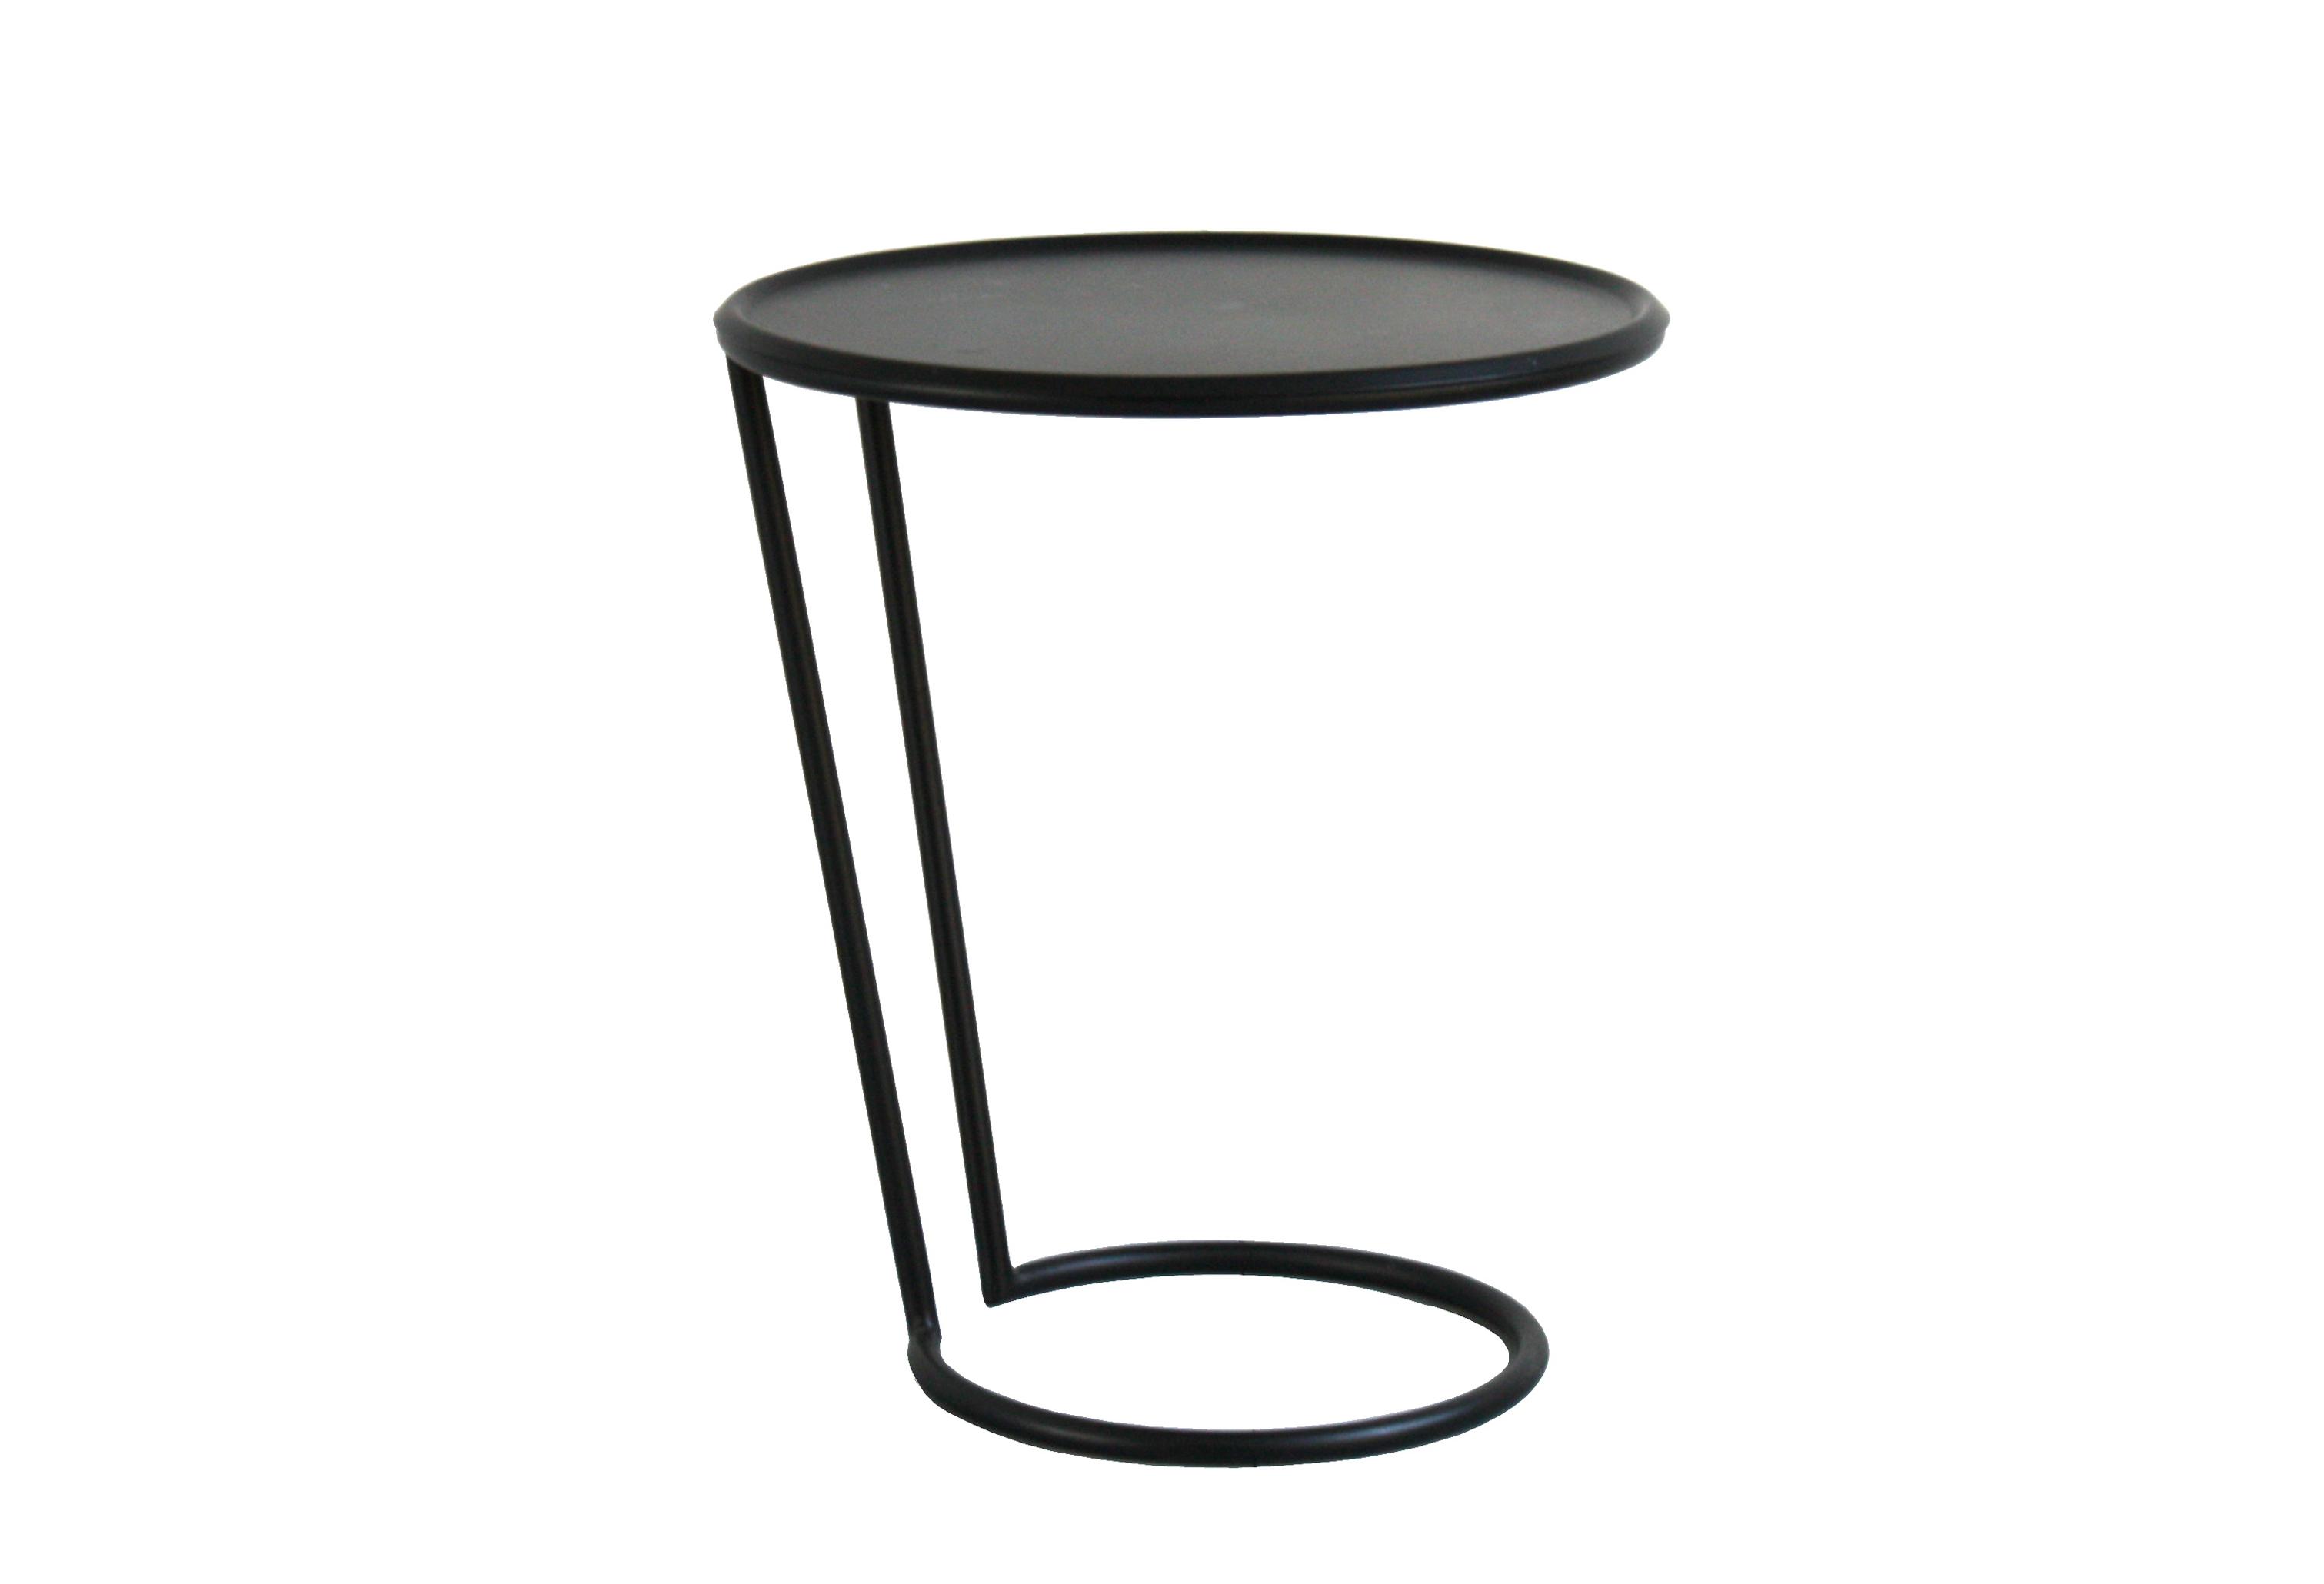 Usædvanlig Bakkeborde i pulverlakeret stål - we shop TJ34